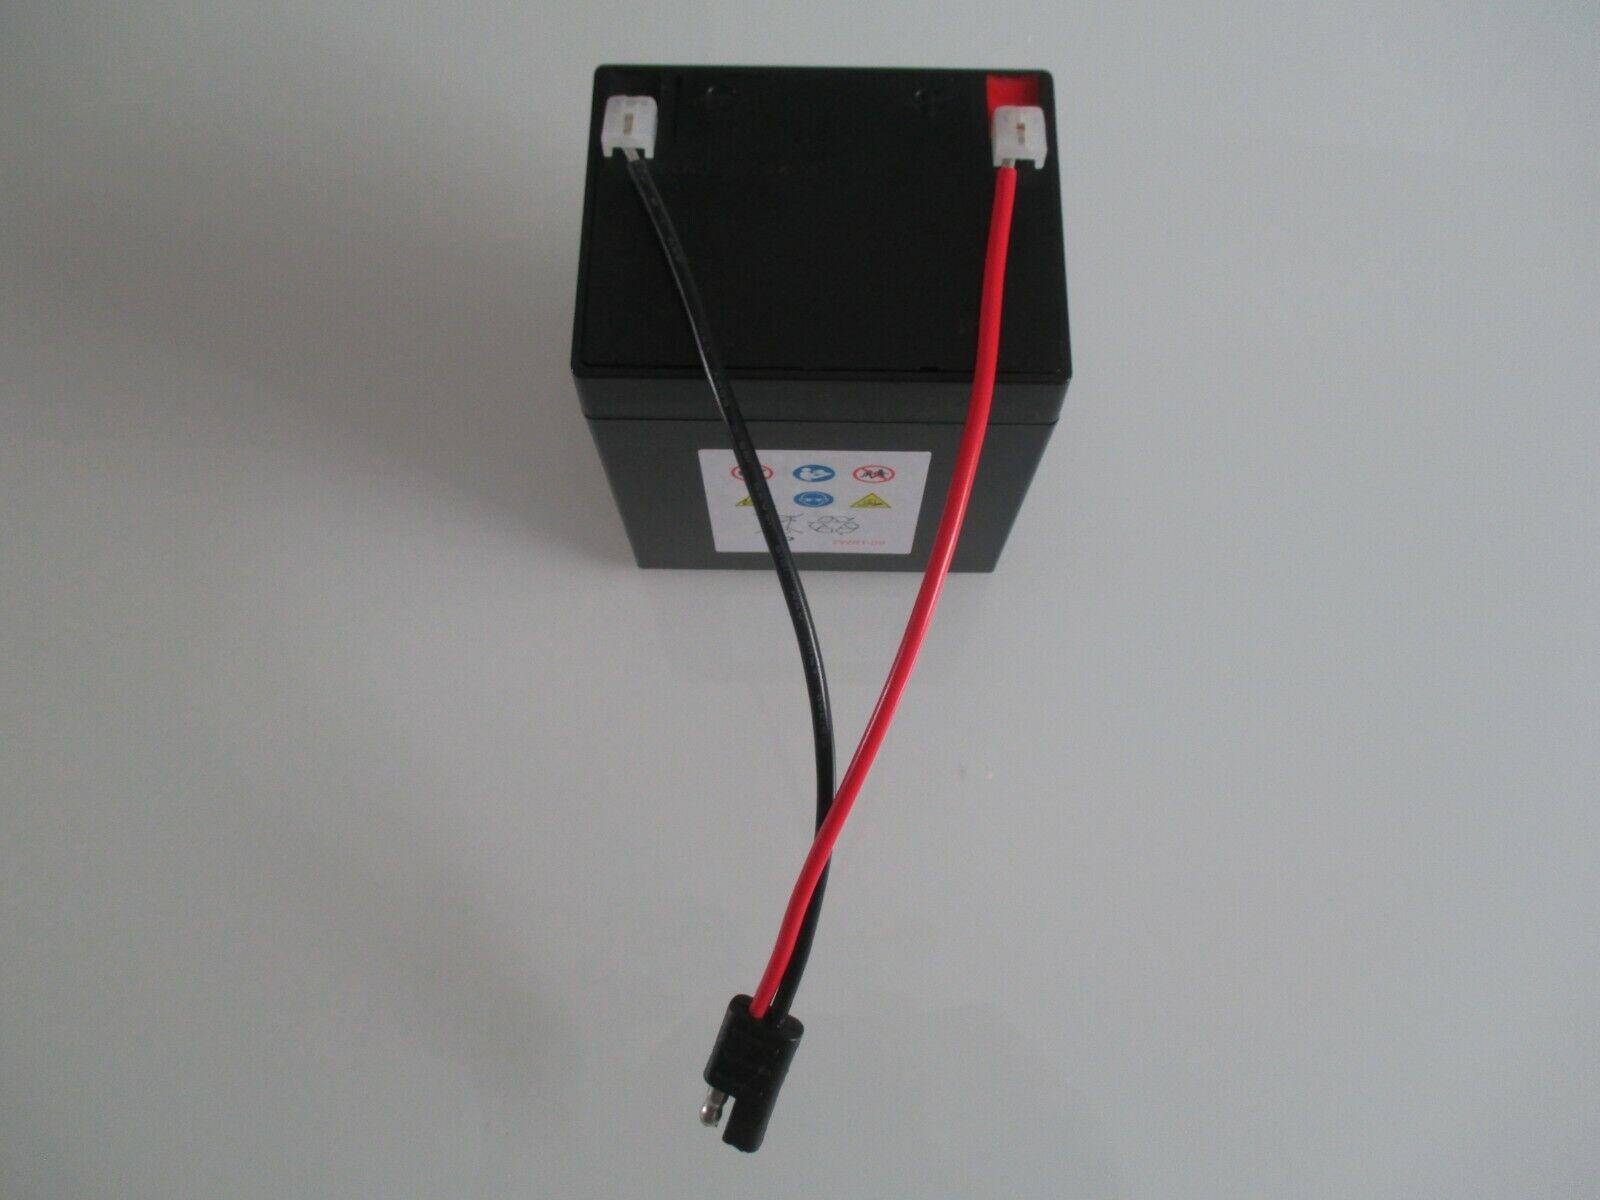 Original Akku für Sabo Rasenmäher 12 V 5,4 Ah Power für fast alle E-Starter